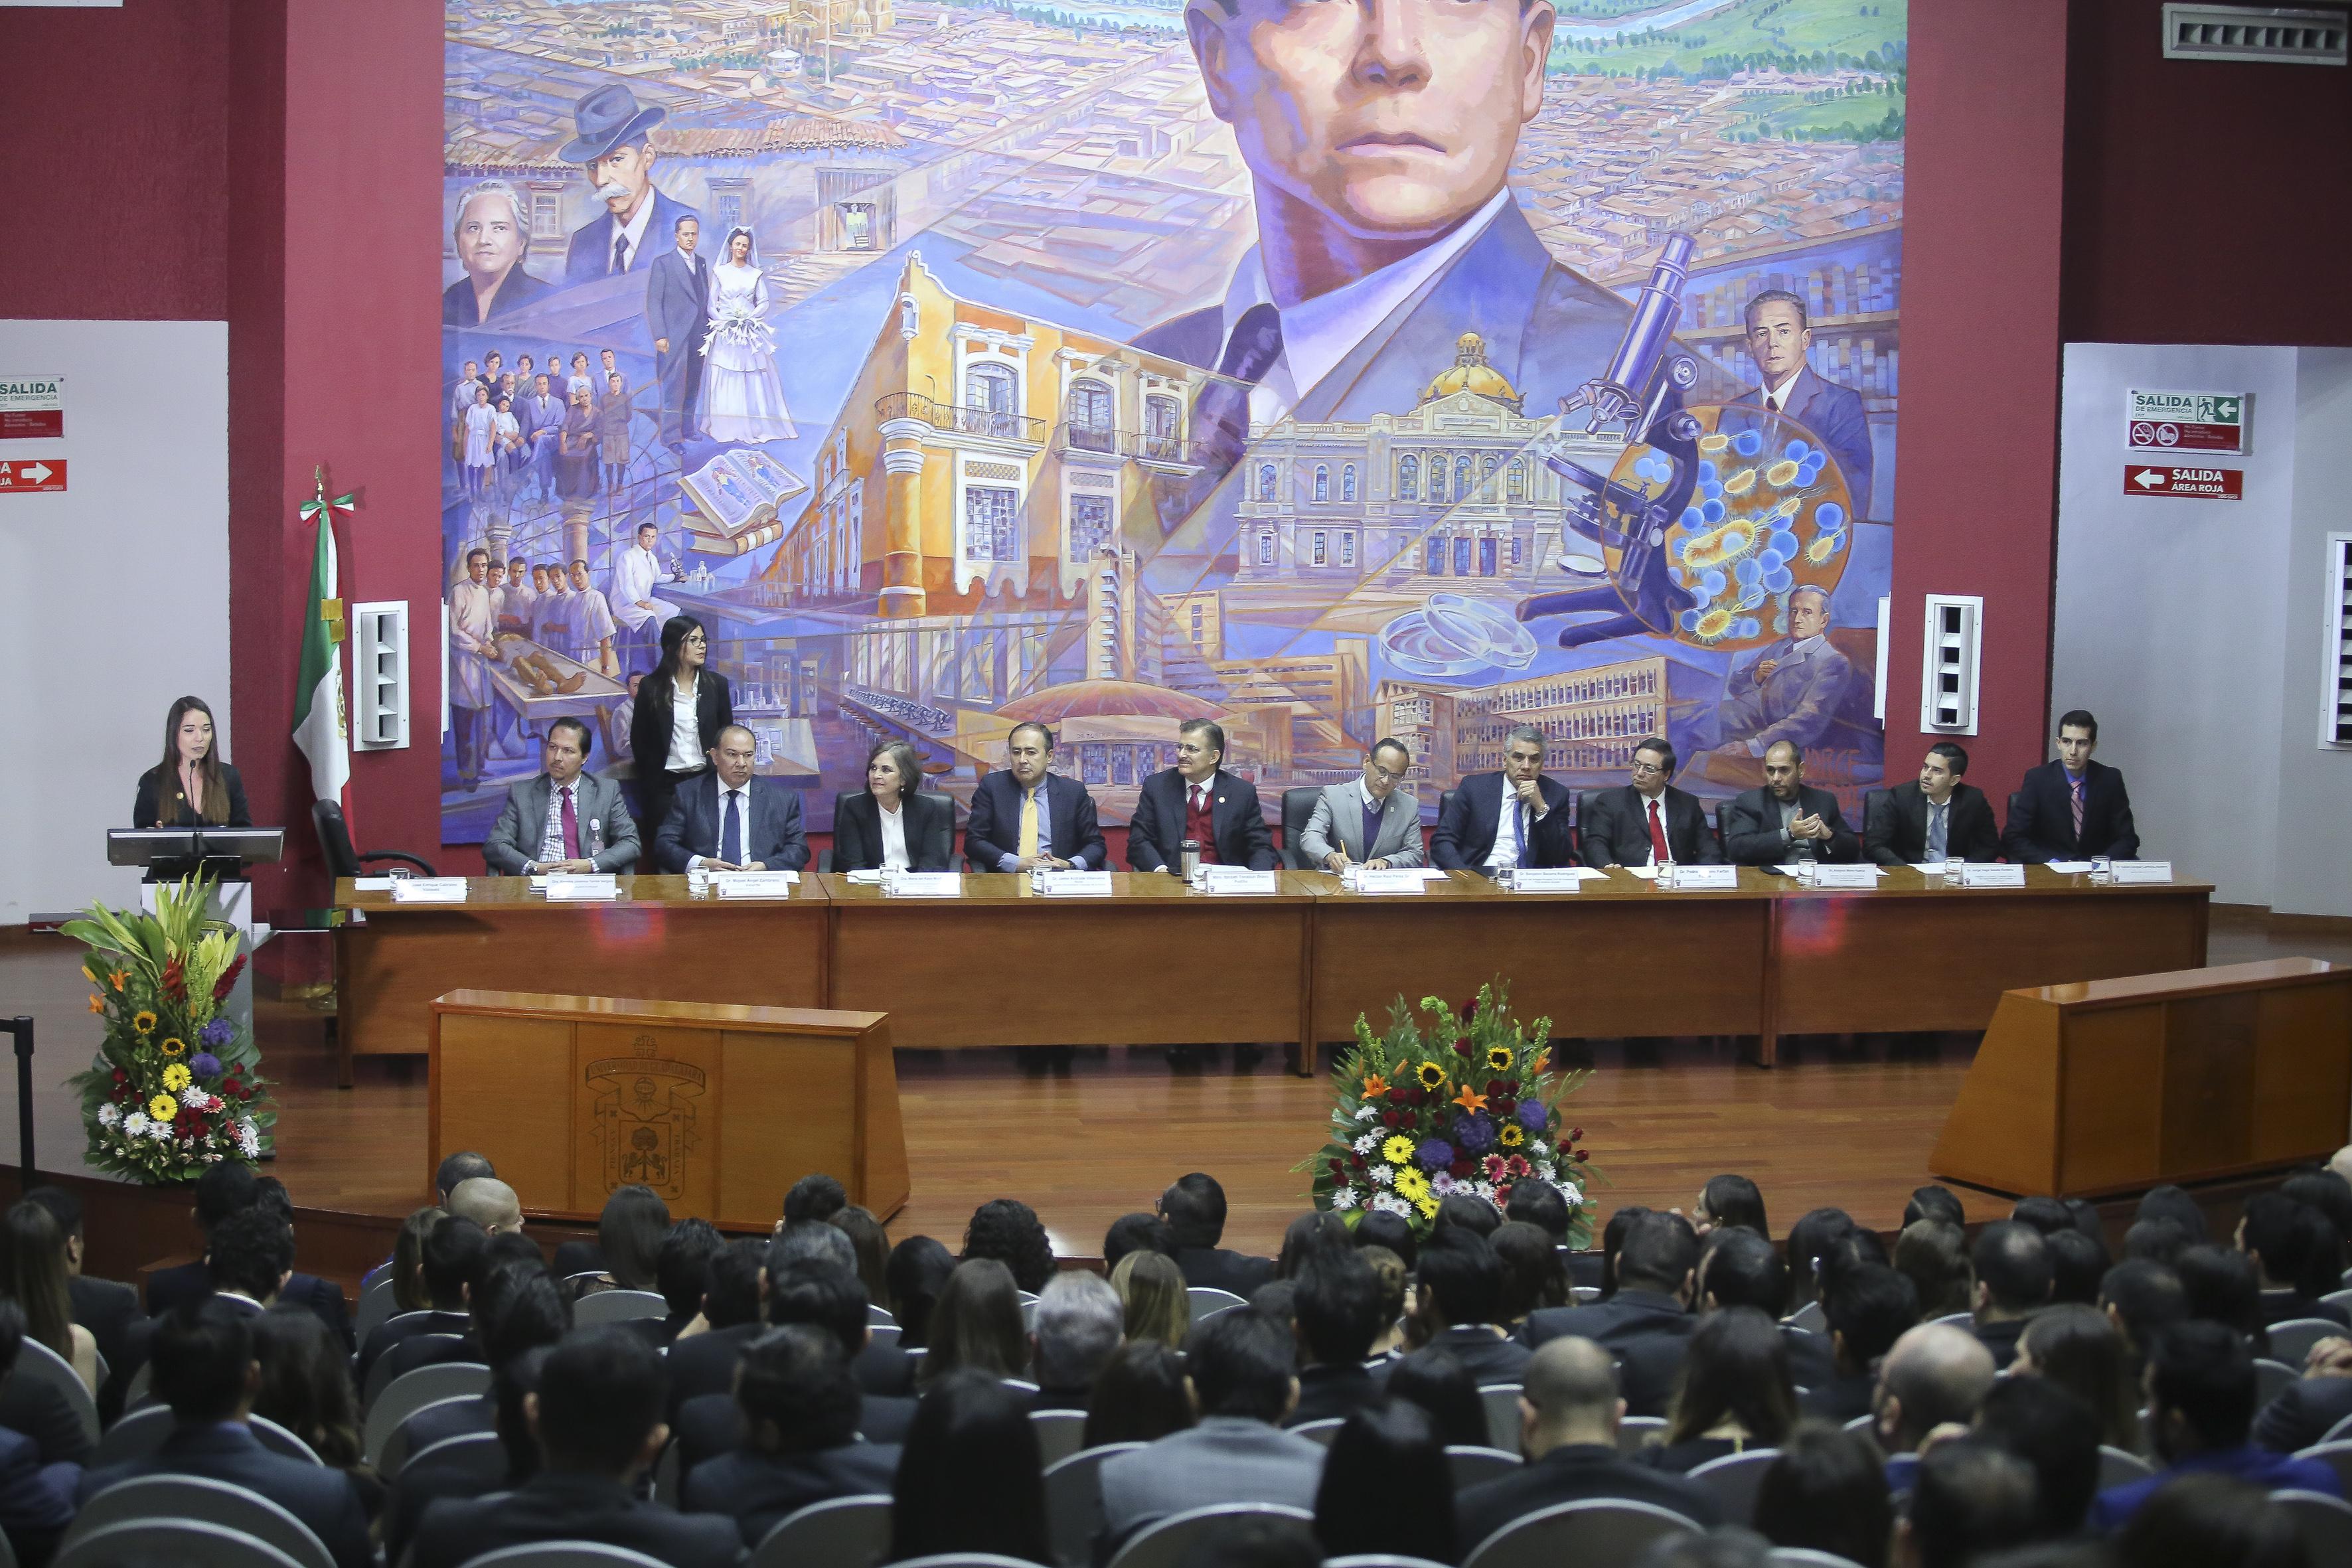 Miembros del presídum en toma general desde la parte posterior del auditorio